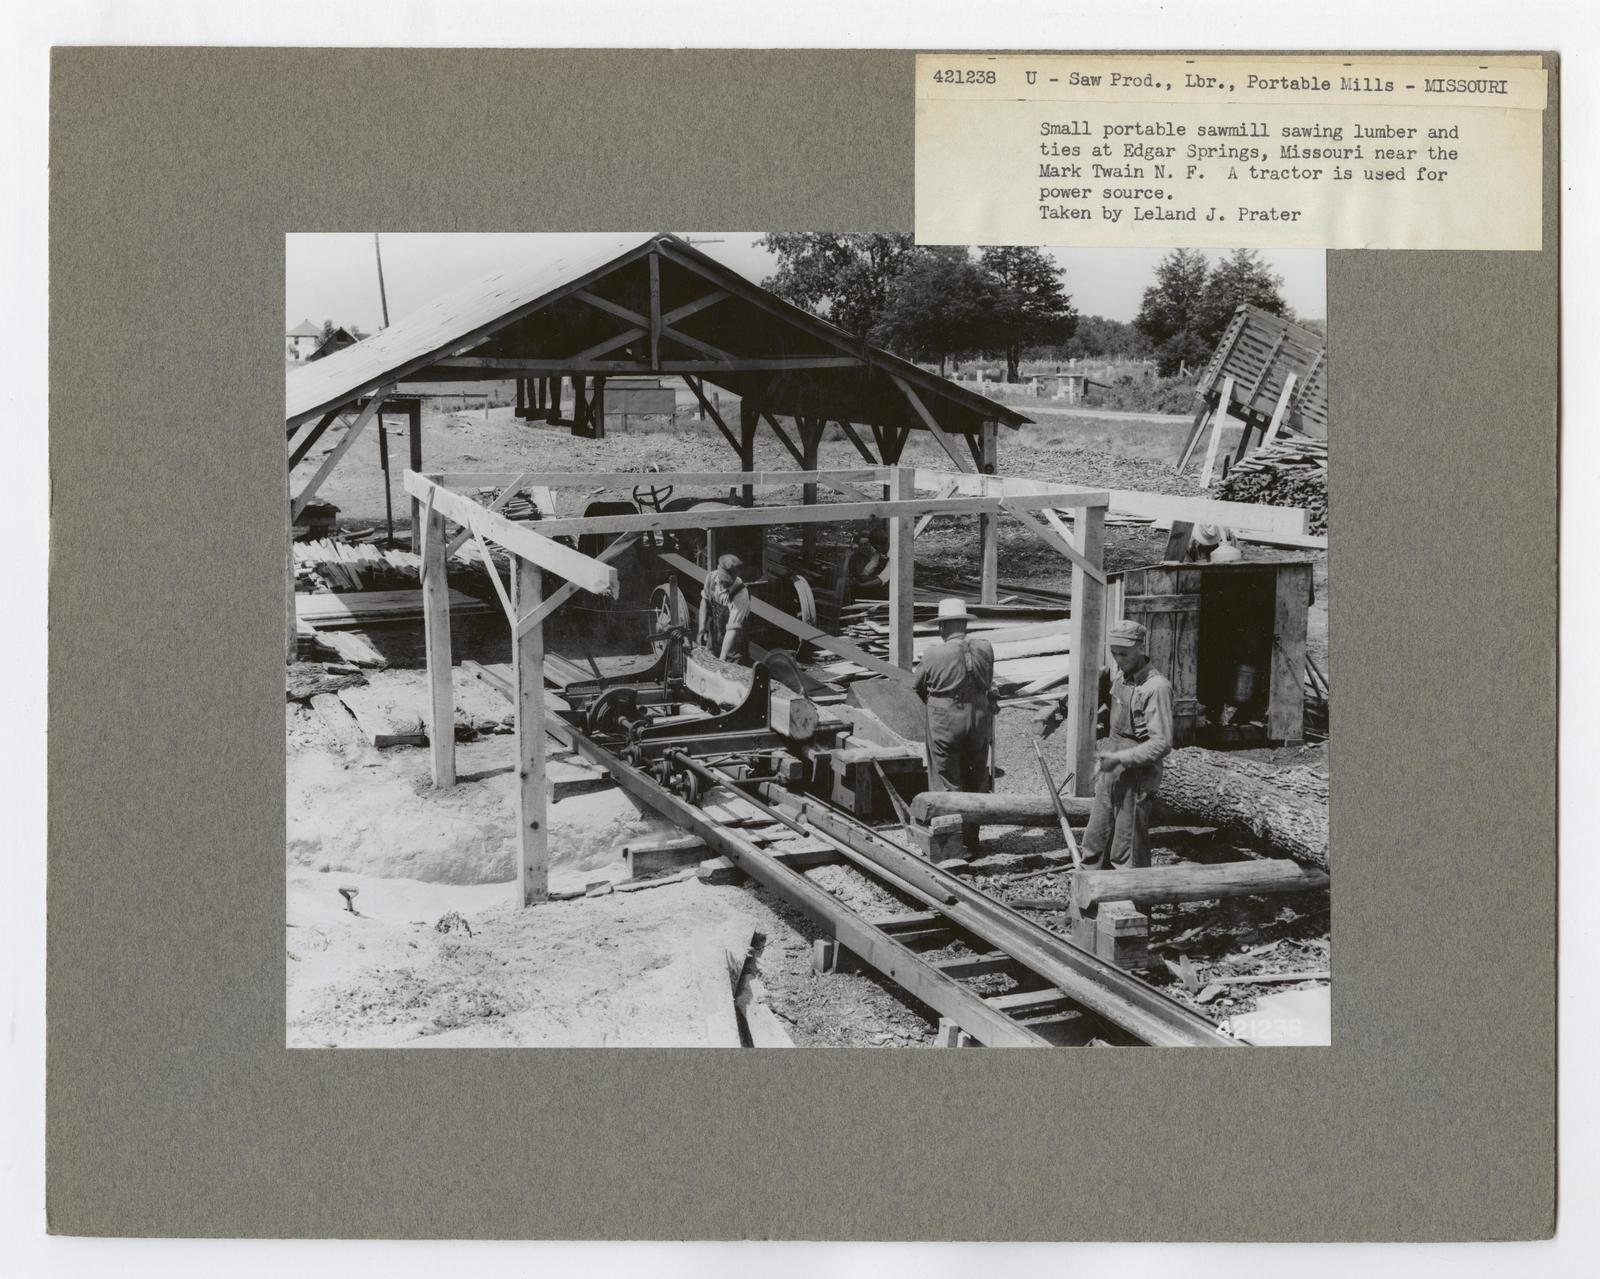 Small Sawmills - Missouri